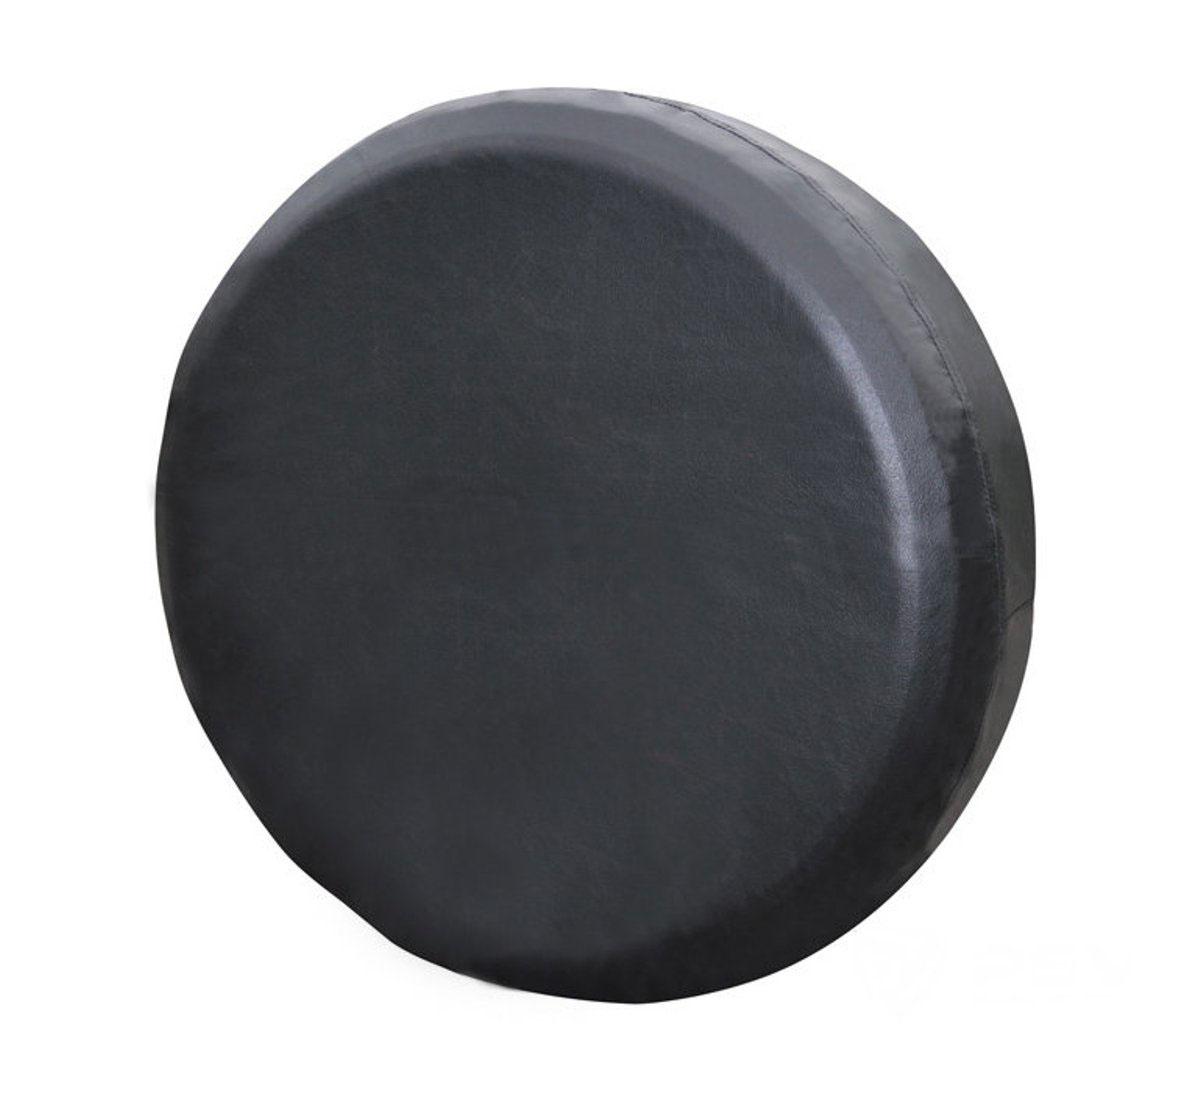 Чехол на запасное колесо Auto premium. Размер S (64-69 см), цвет: черный. 7720277202Чехол на запасное колесо автомобиля ( Размер S), выполненый из высококачественной экокожи, прекрасно охранит «запаску» от негативного влияния погодных условий: пыль грязь, дождь, при этом чехол не потрескается на морозе.Крепится с помощью шнурка.